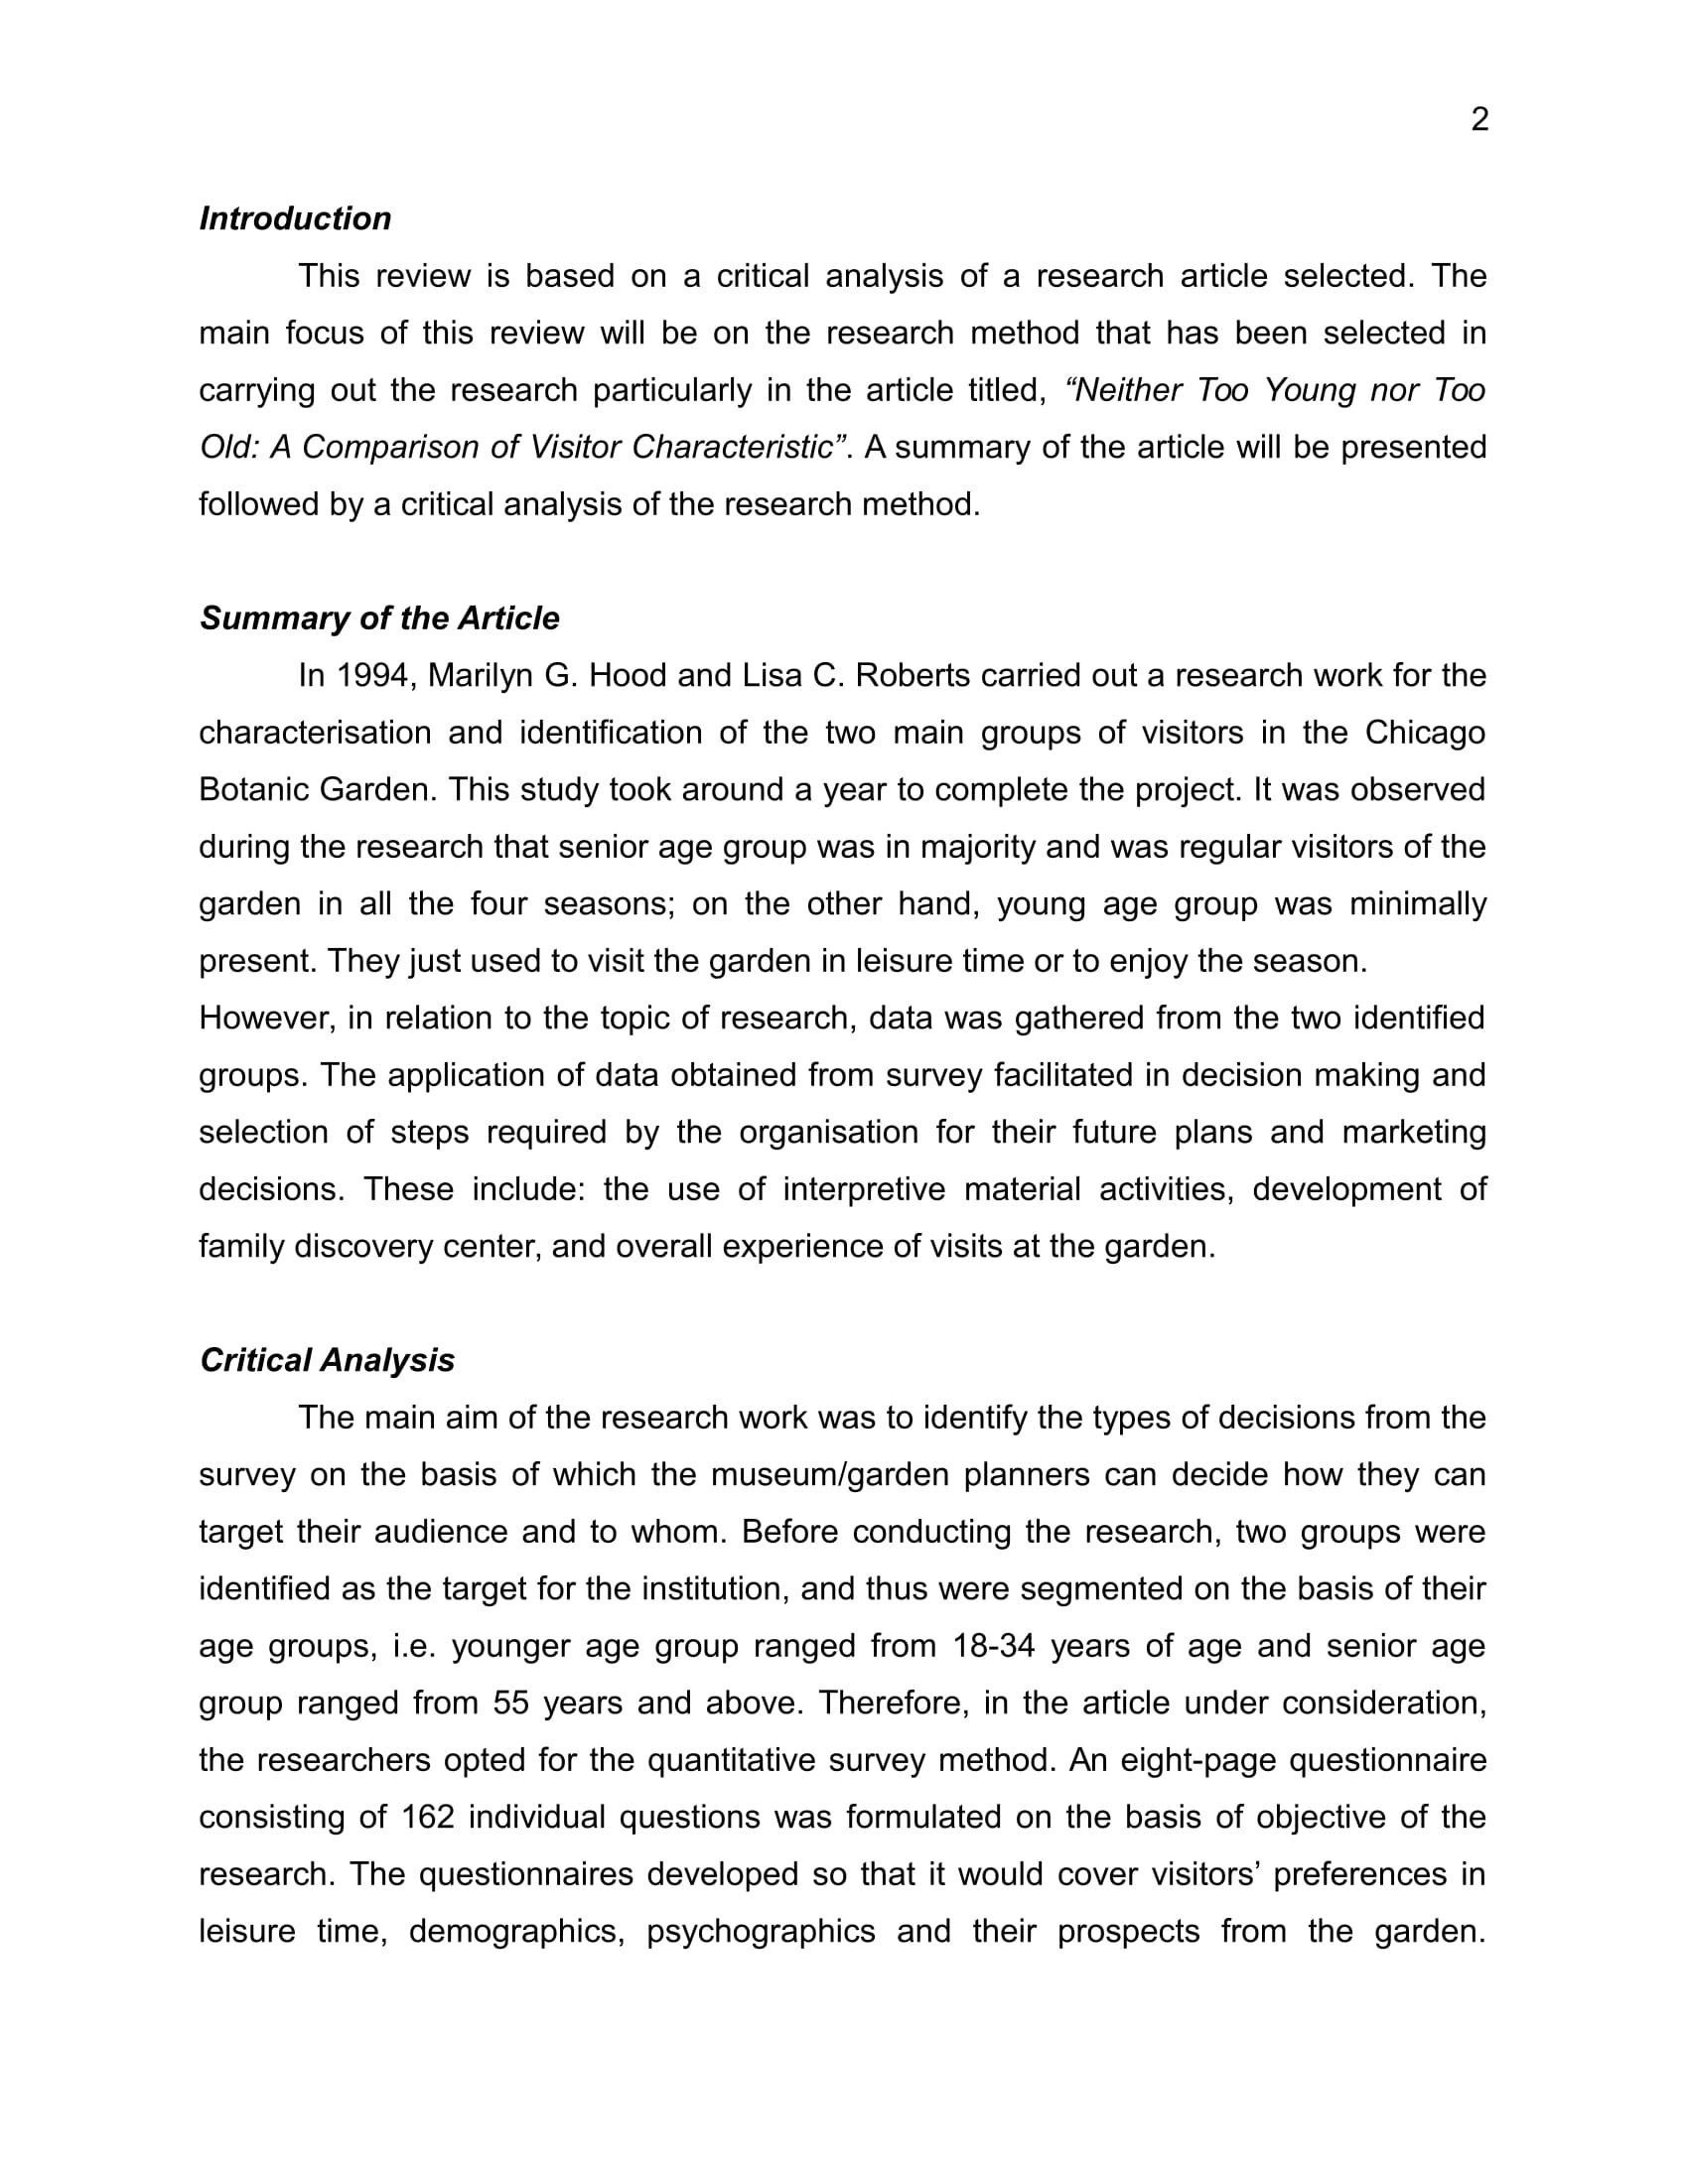 Ny bar examiners essays